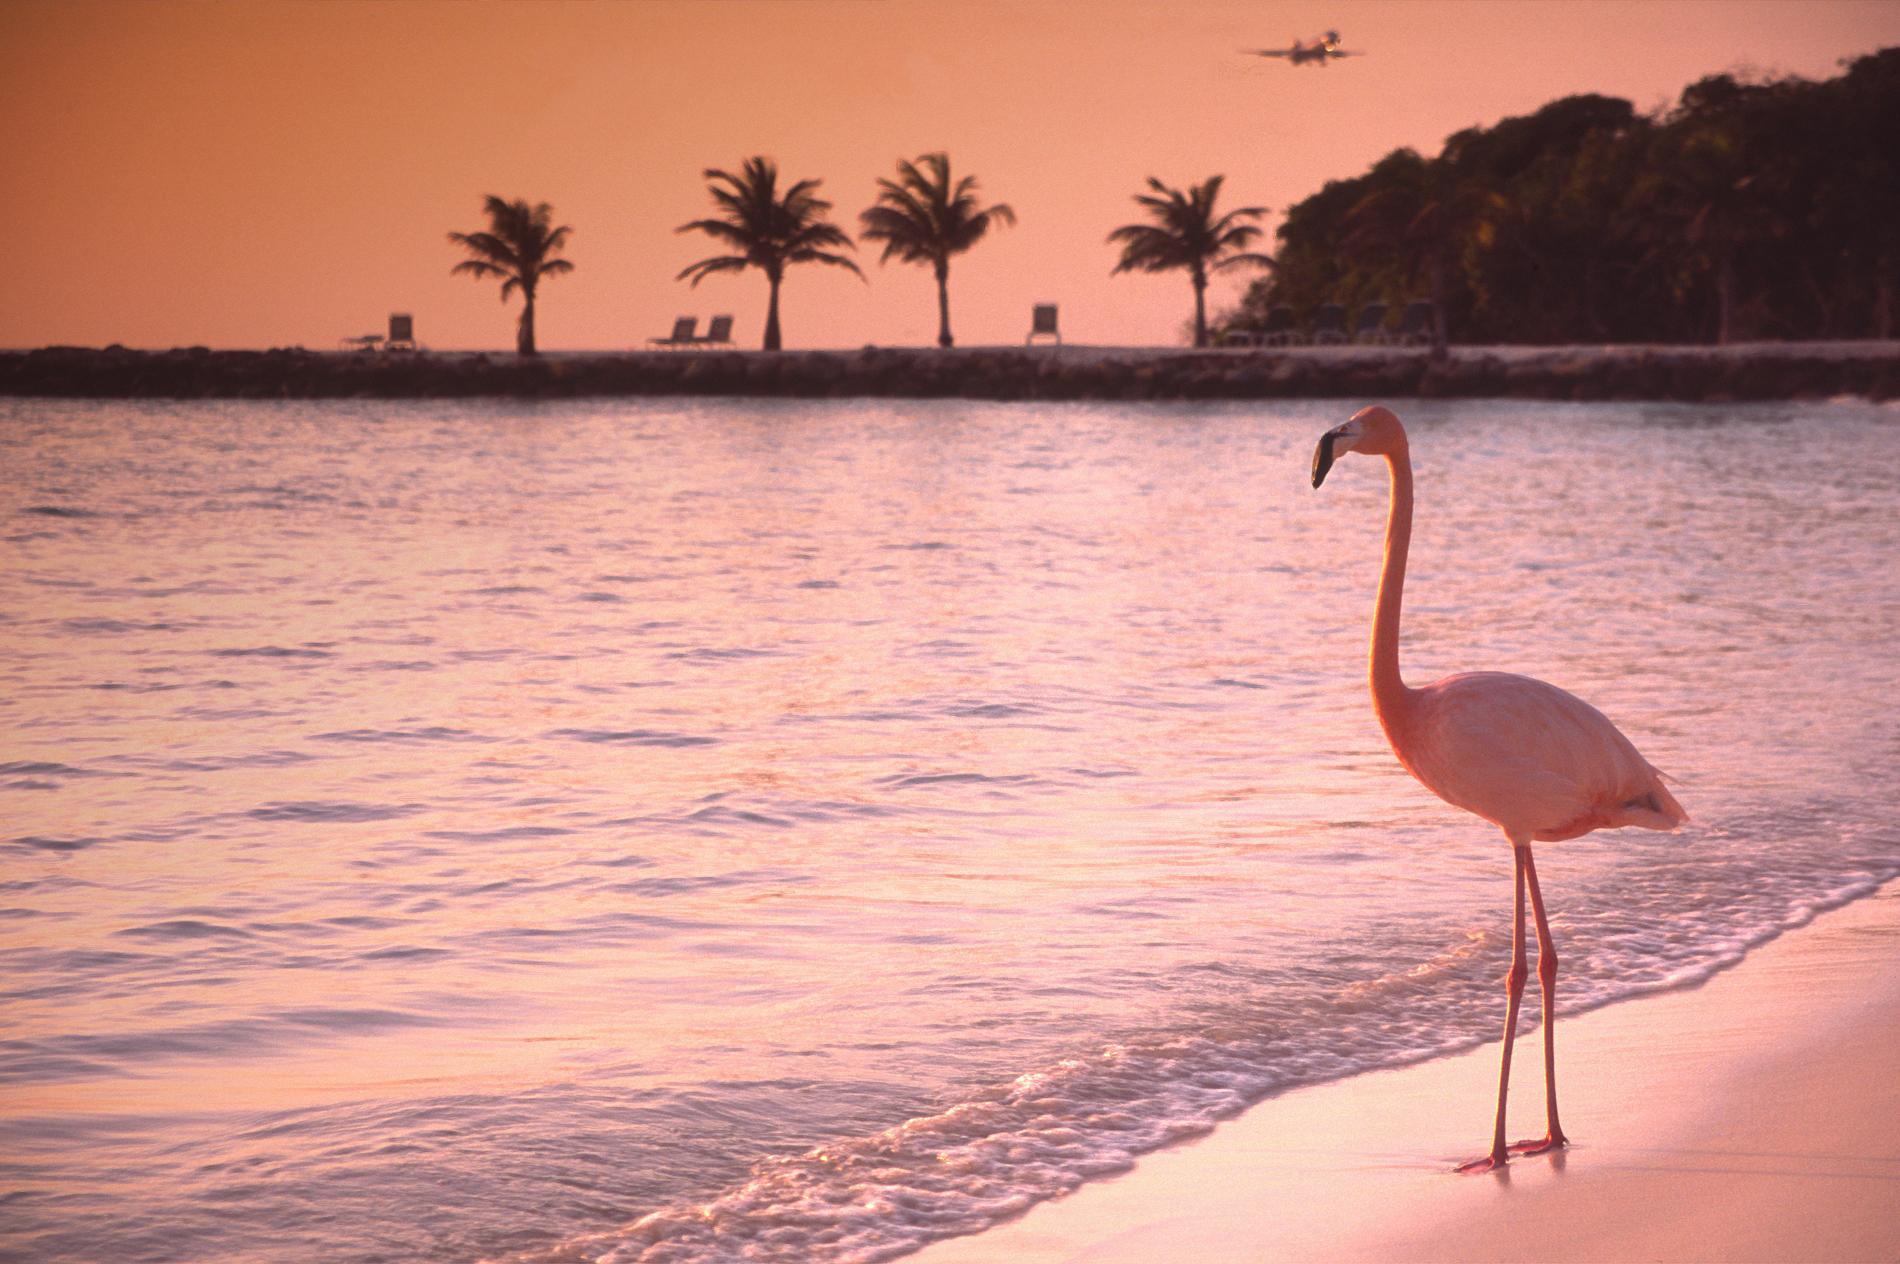 <p>Африканско фламинго успява да избяга от зоологическа&nbsp;градина в Канзас. Осем години по-късно птицата е намерена&nbsp;на хиляда километра &ndash; в Мексиканския залив. Фламингото дори си намерило и другар. Служител от зоопарка обаче казва, че е щастлив, че птицата се чувства добре сред природата и се отказва да я връща обратно в САЩ.</p>